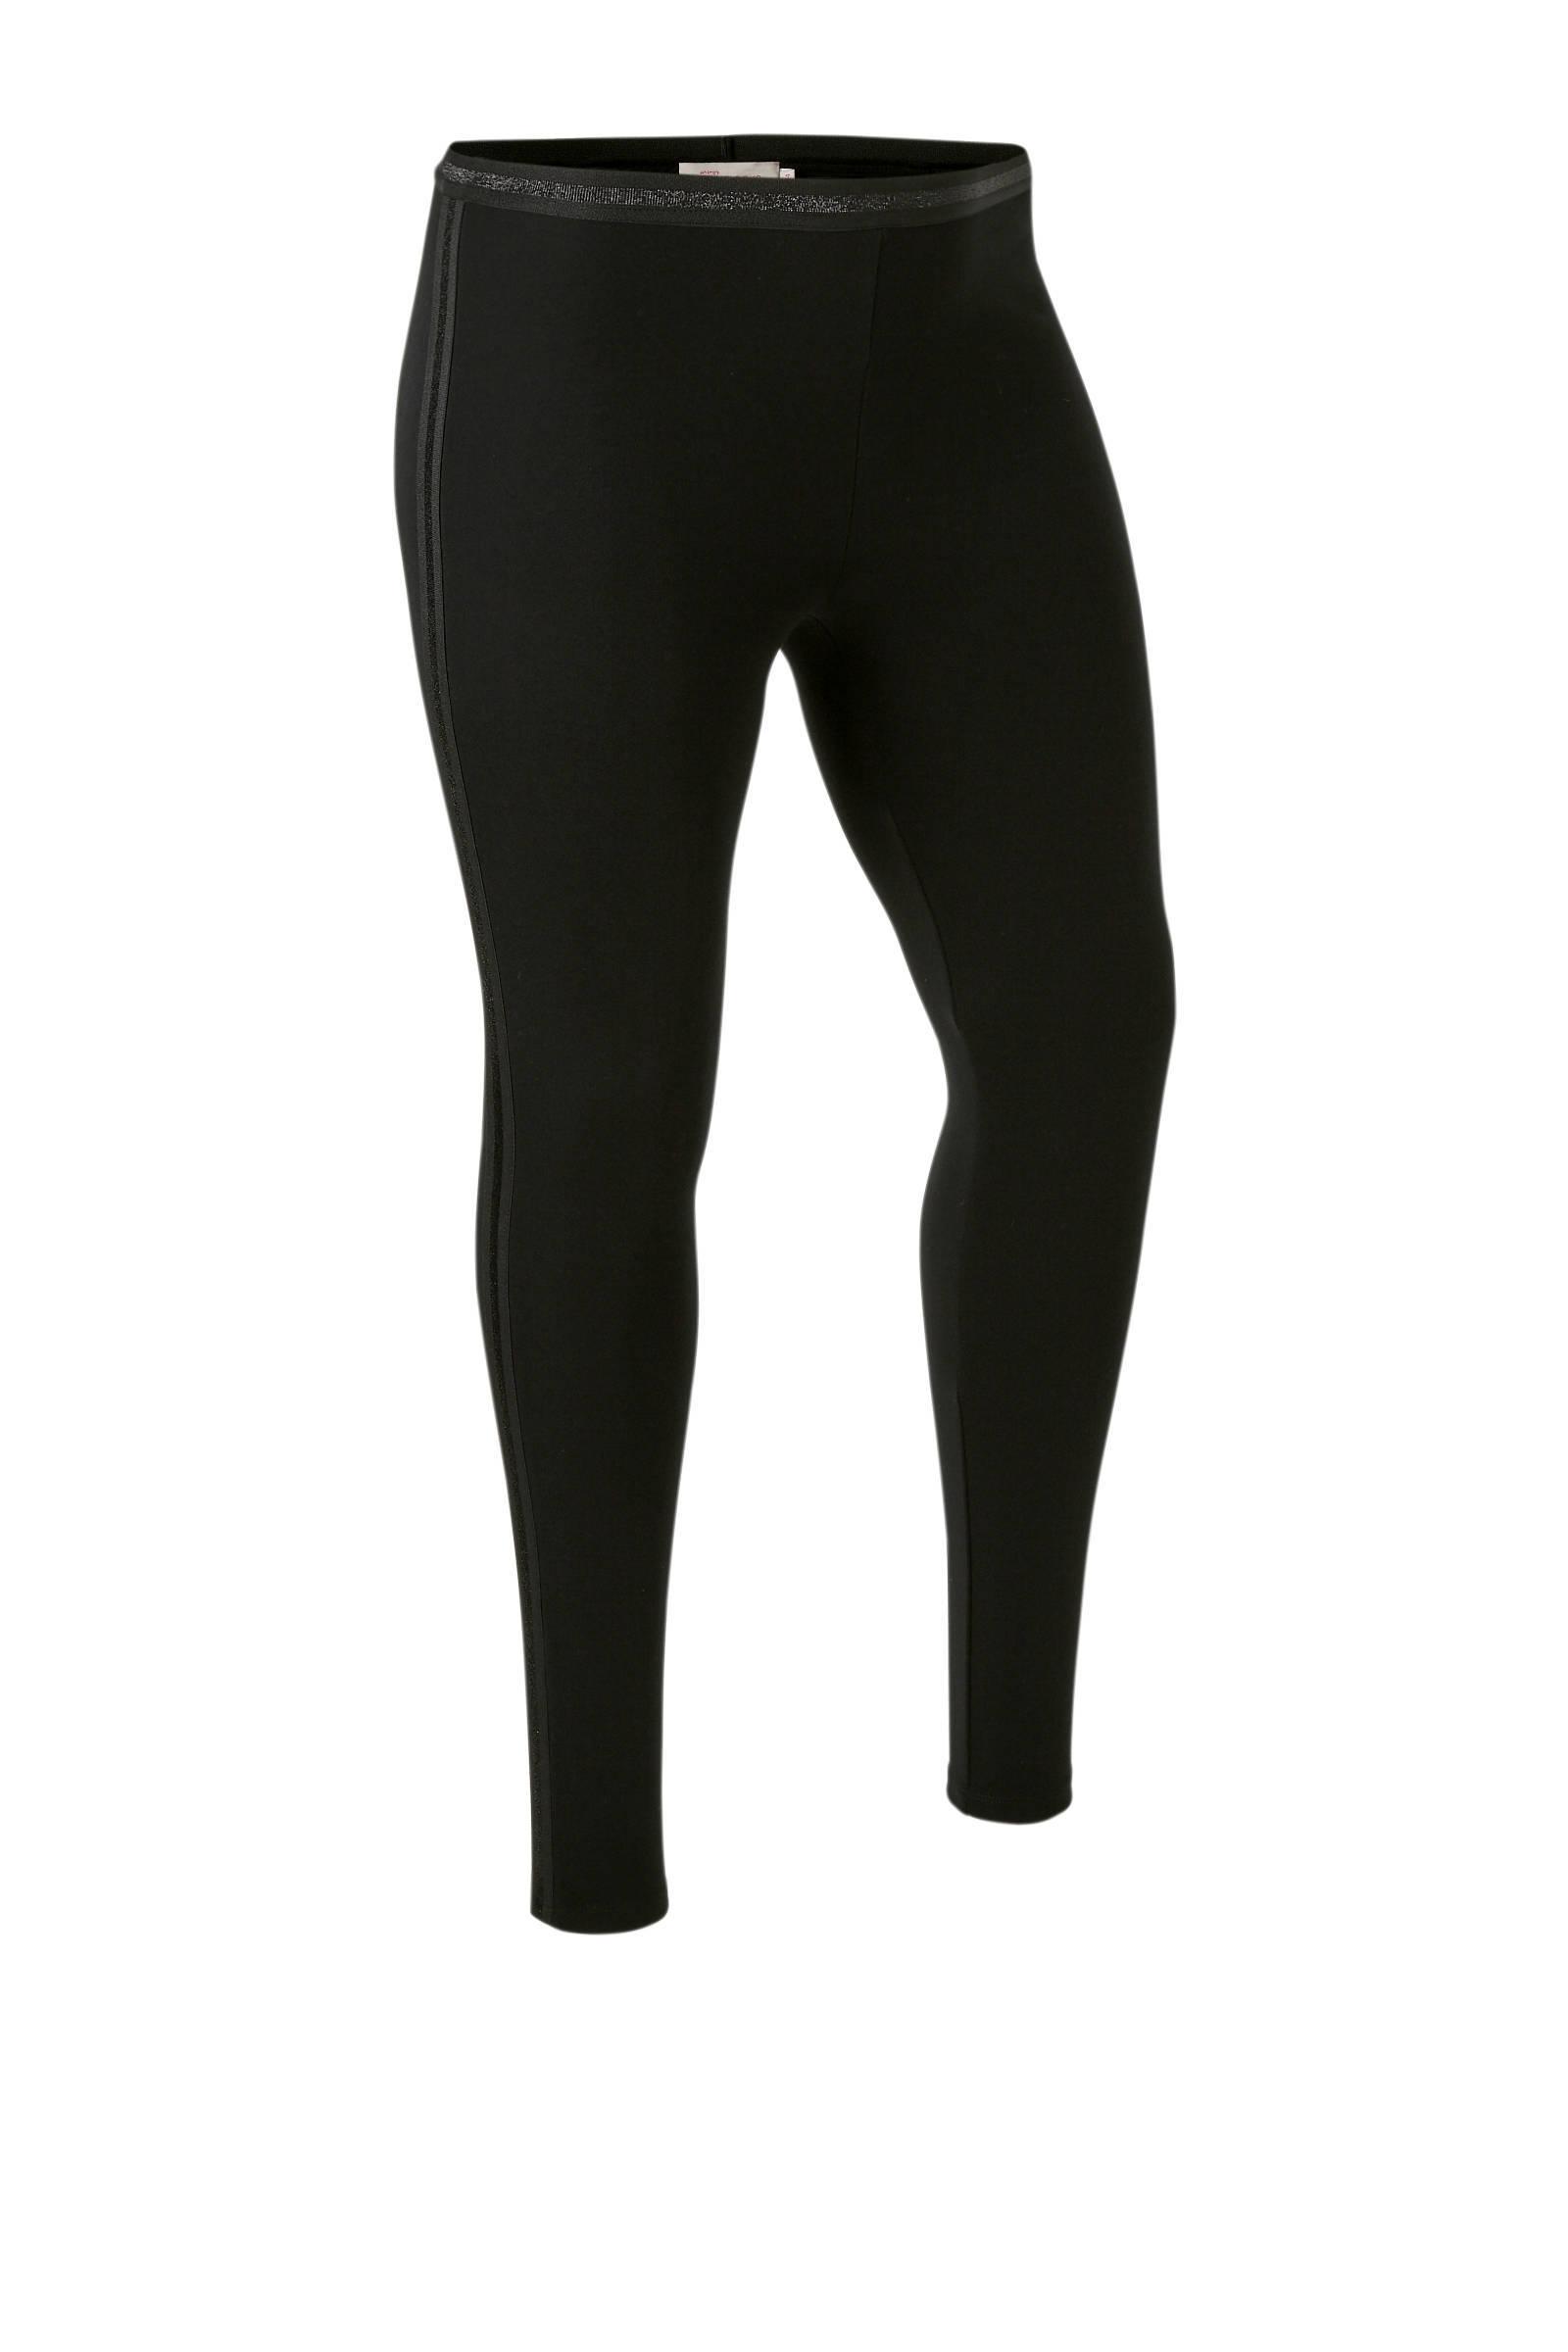 whkmp's great looks legging met bies met lurex streep (dames)